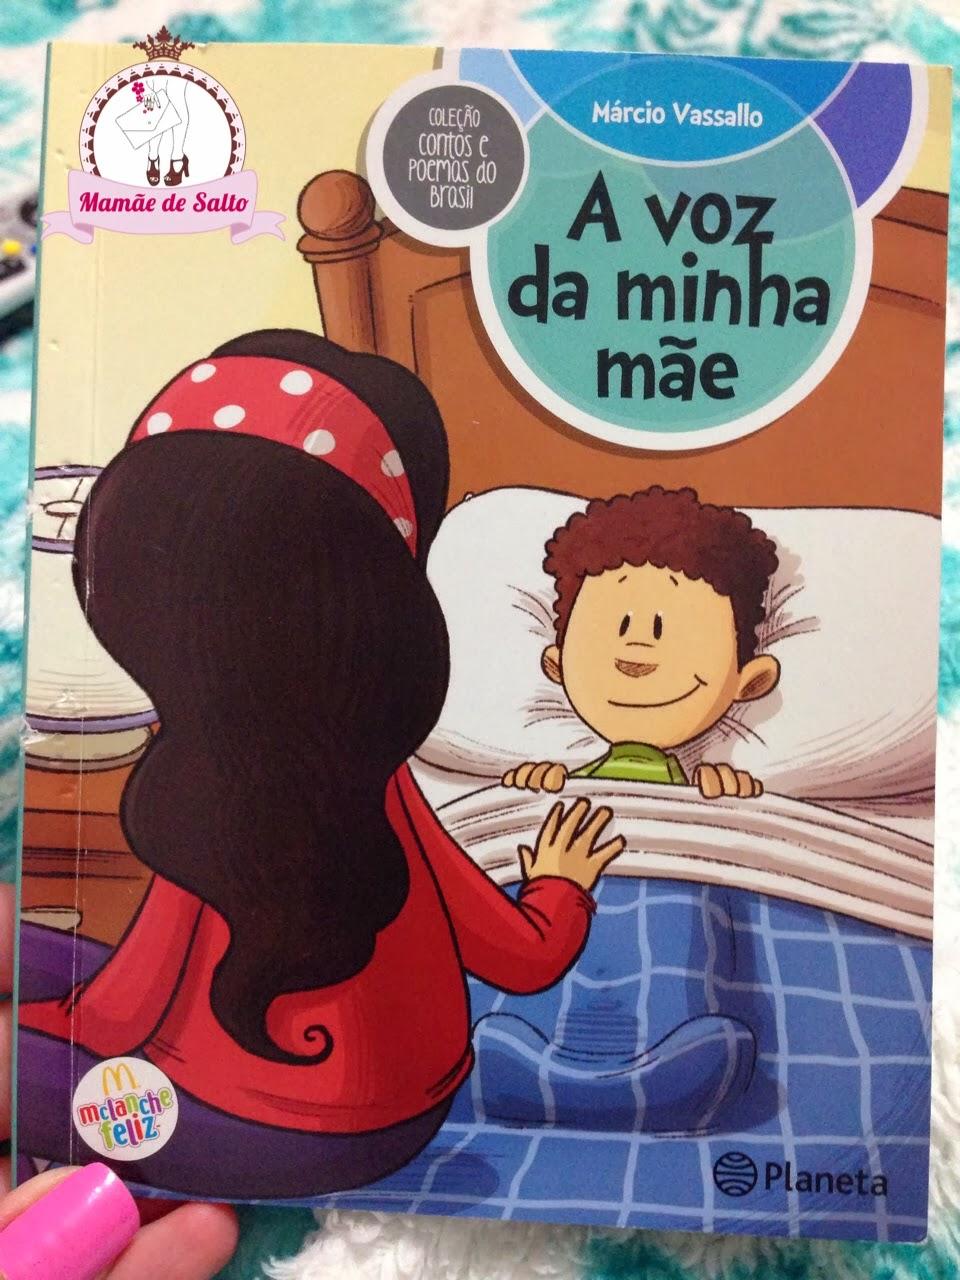 A Voz da Minha Mãe de Márcio Vassallo coleção contos e poemas do Brasil Mclanche Feliz blog Mamãe de Salto